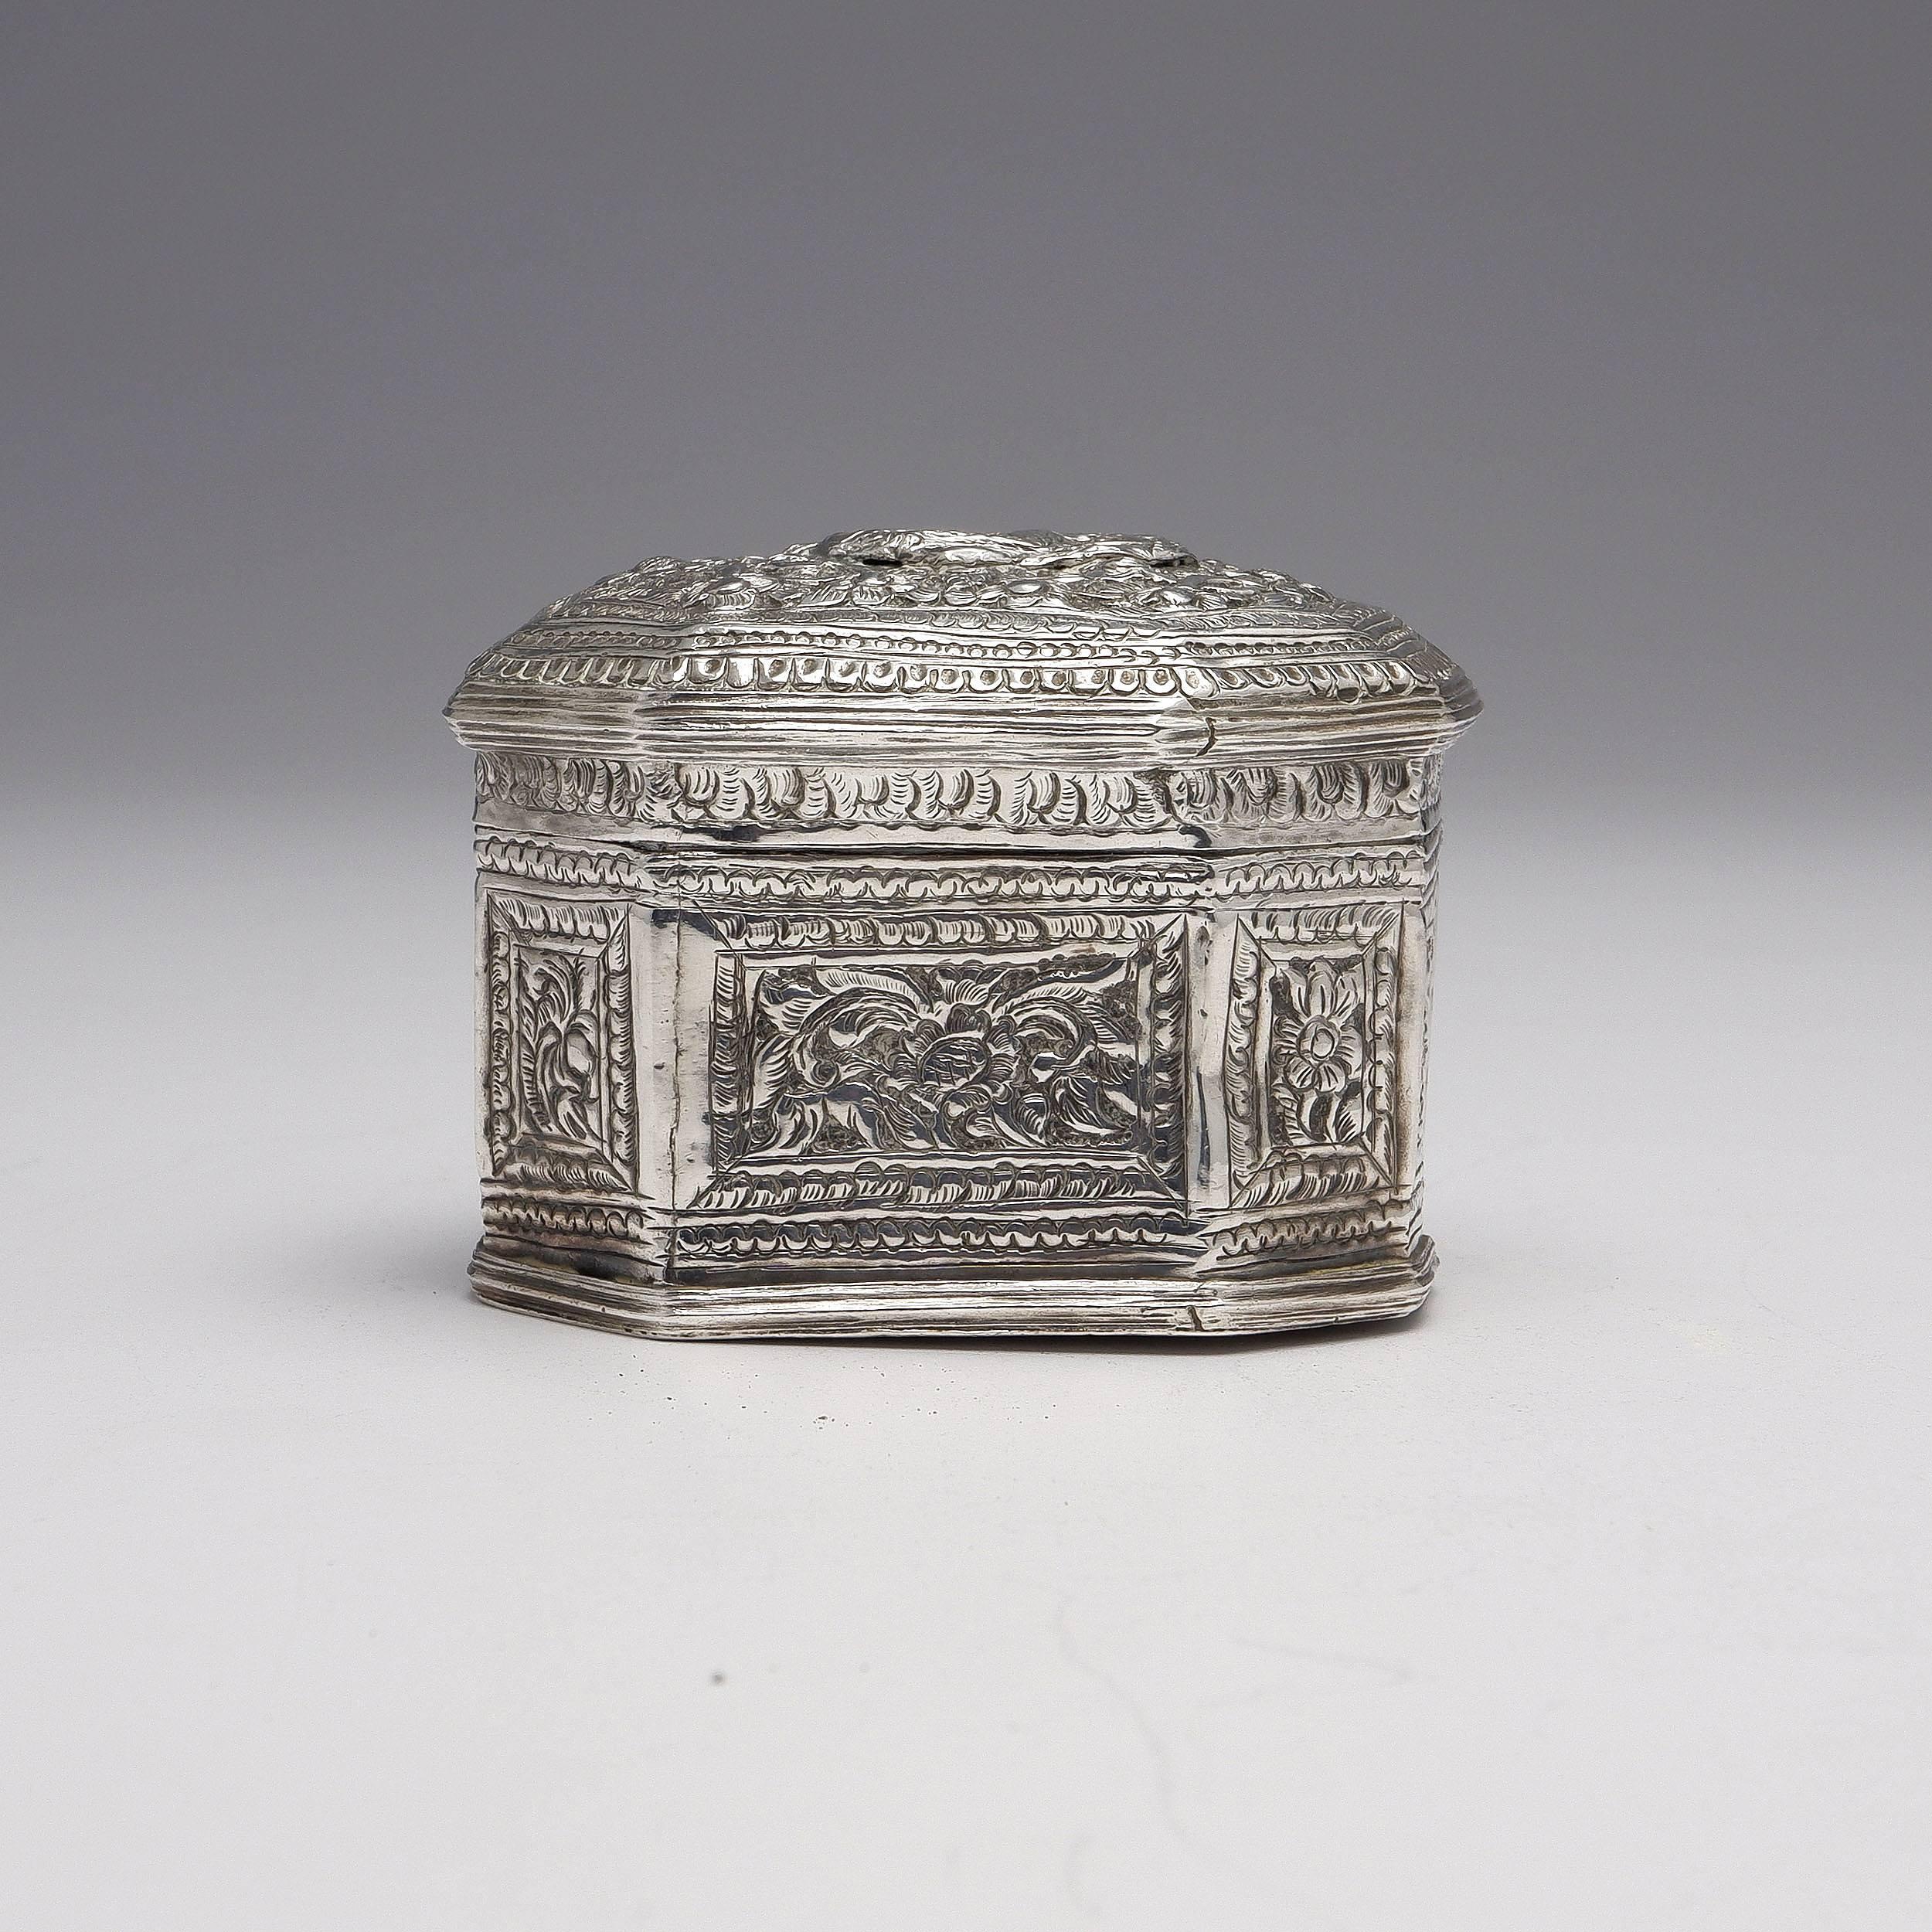 'Burmese Repousse Silver Box, 122g'